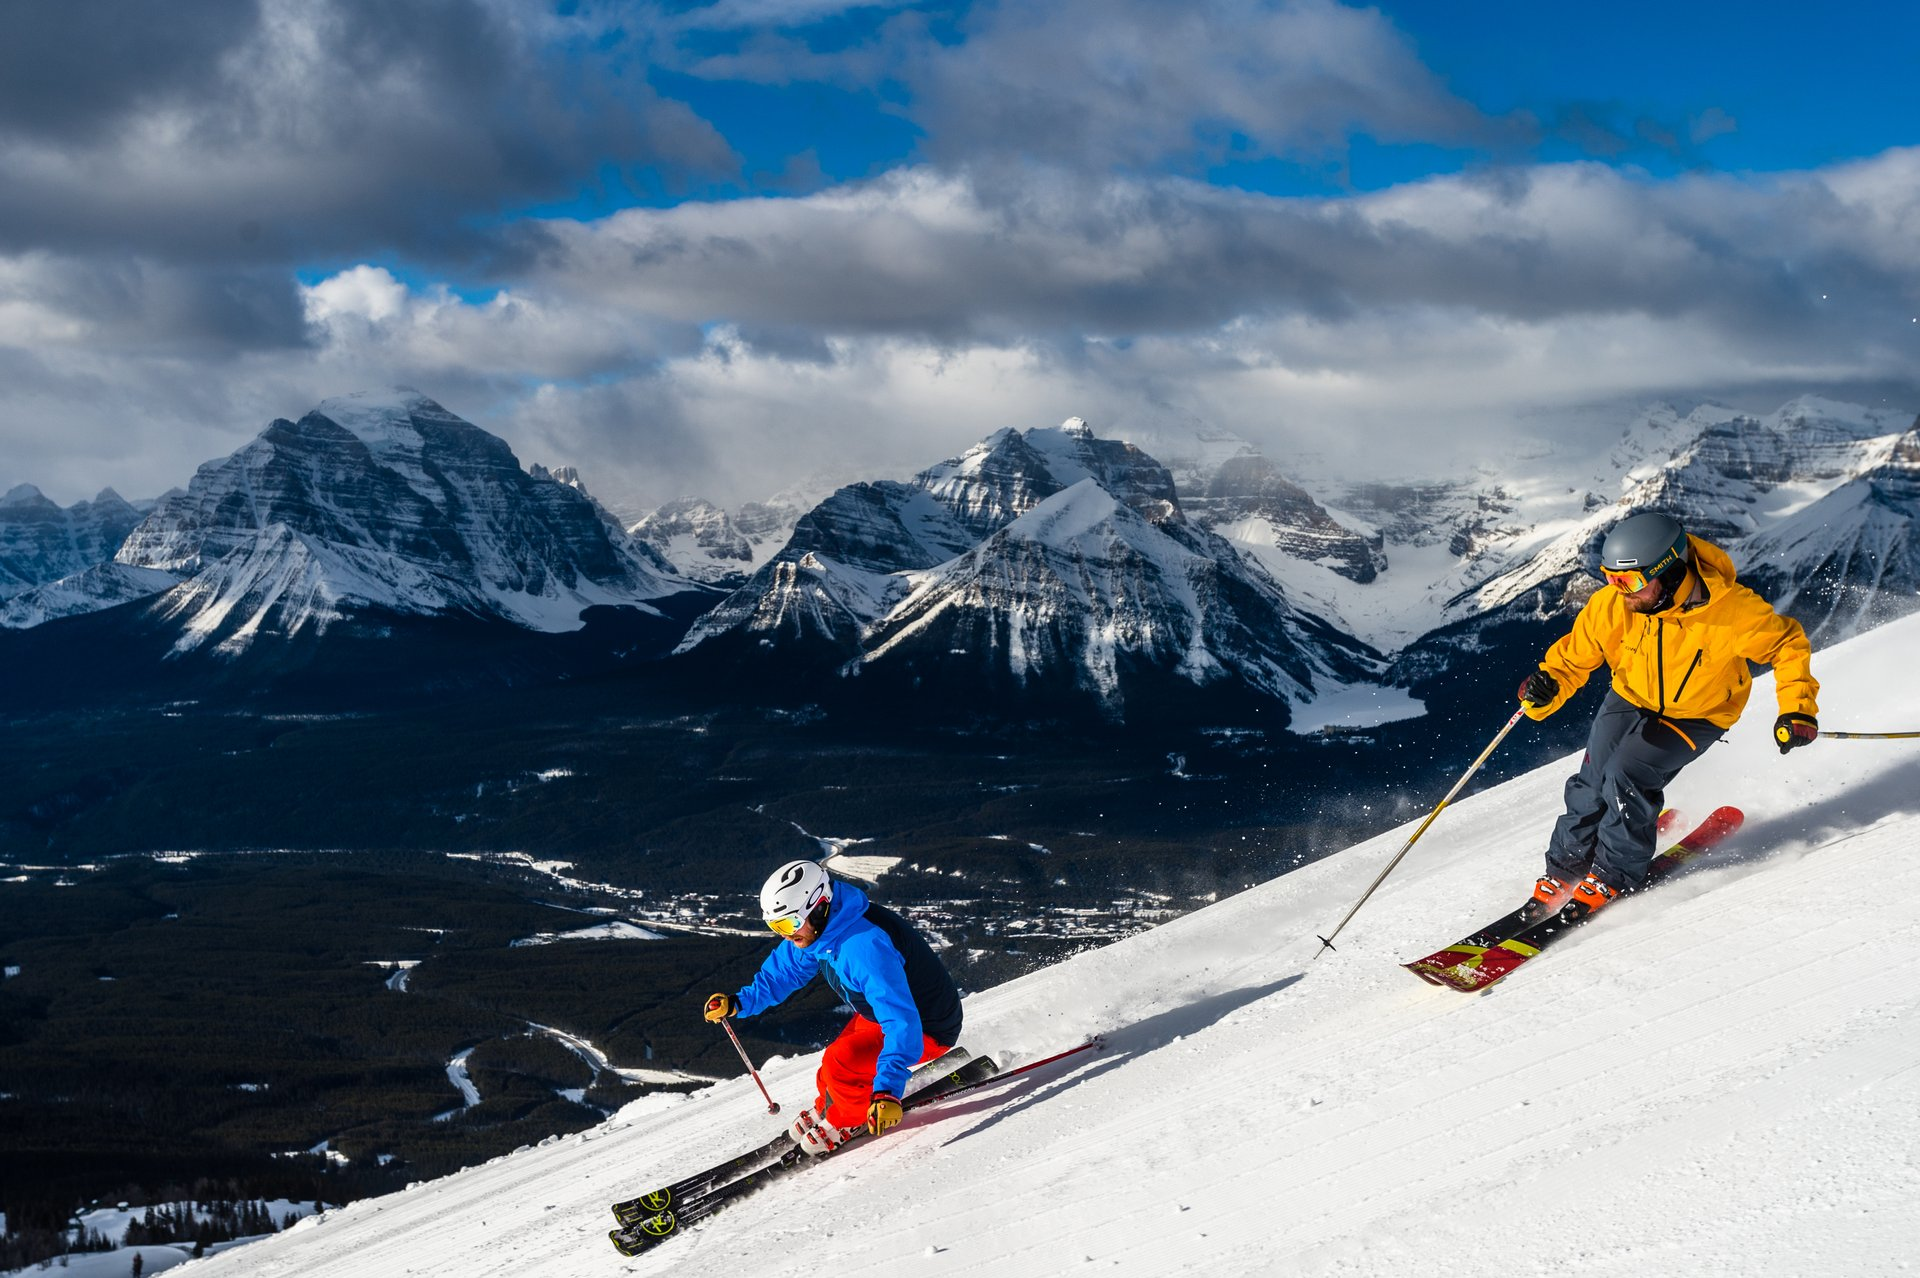 Lake Louise Ski Resort: Photo by Reuben Krabbe